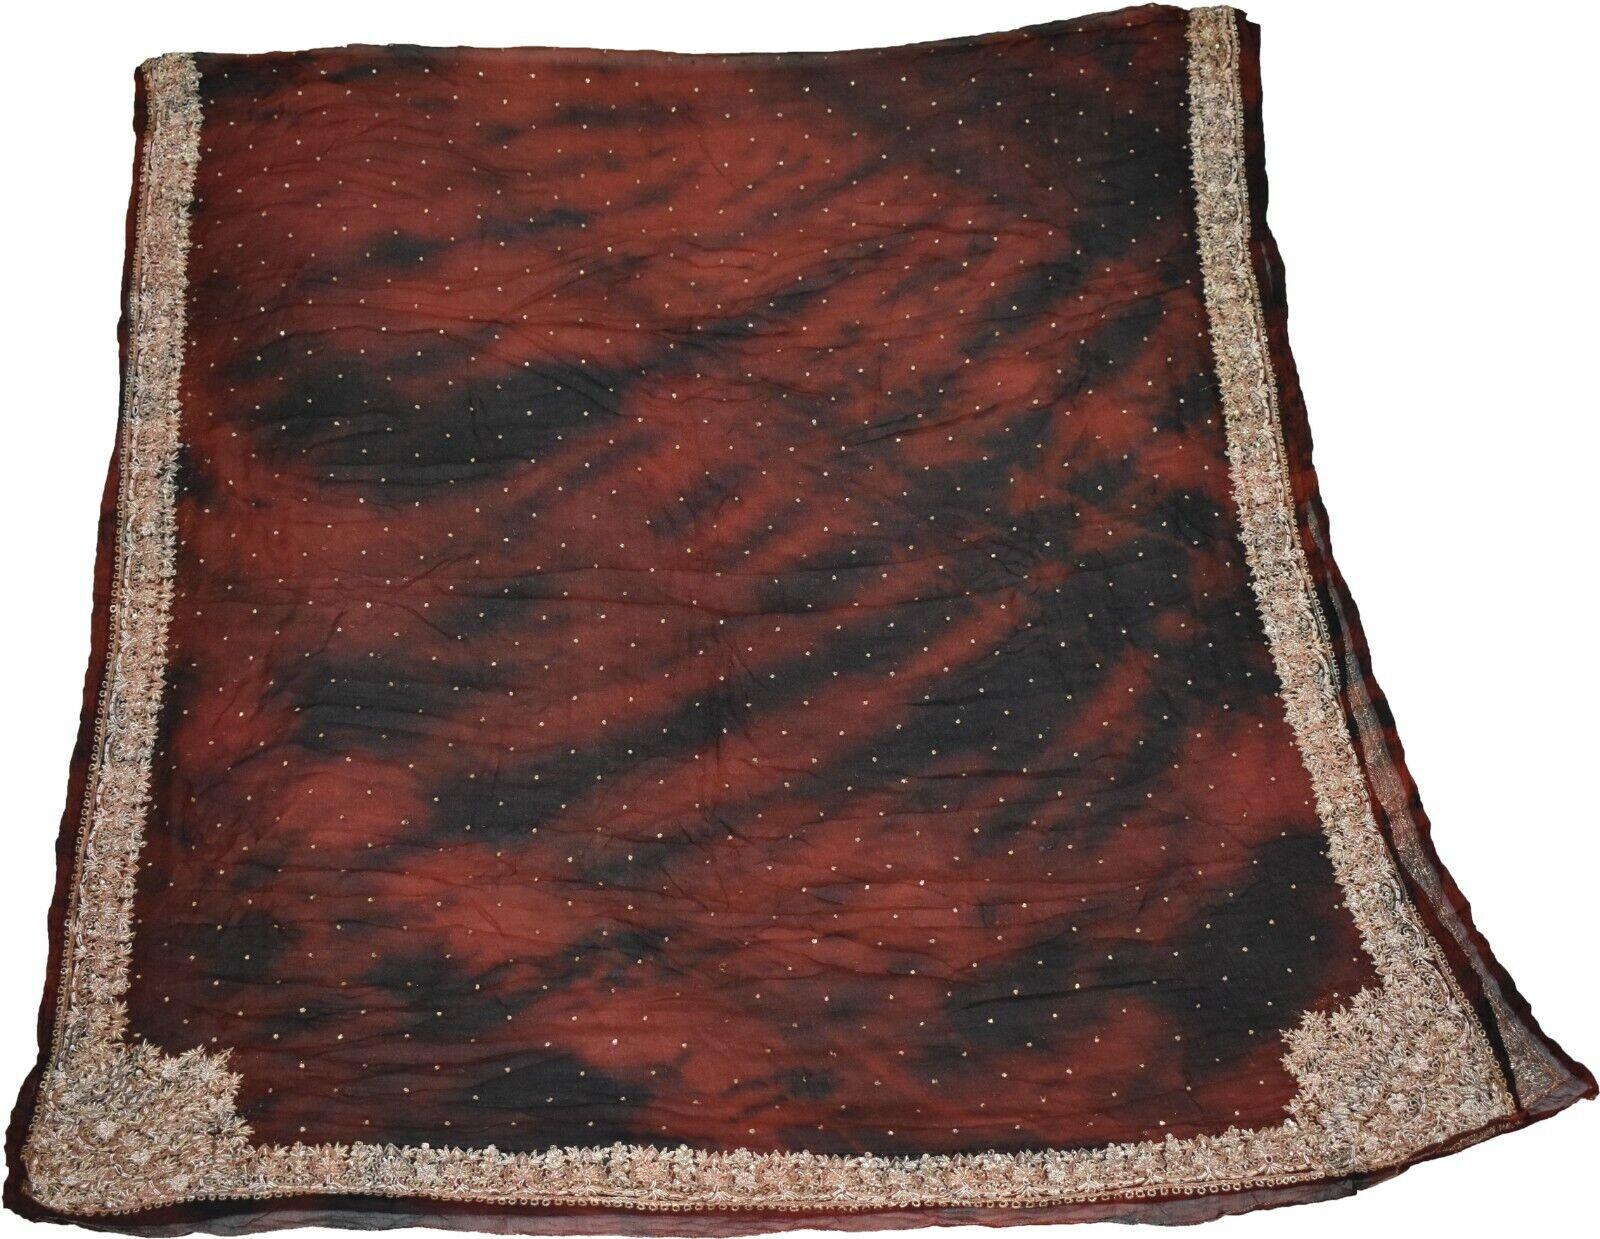 Vintage Dupatta Hand Embroidery Maroon/Black Georgette Stole Zari Work IDC1677